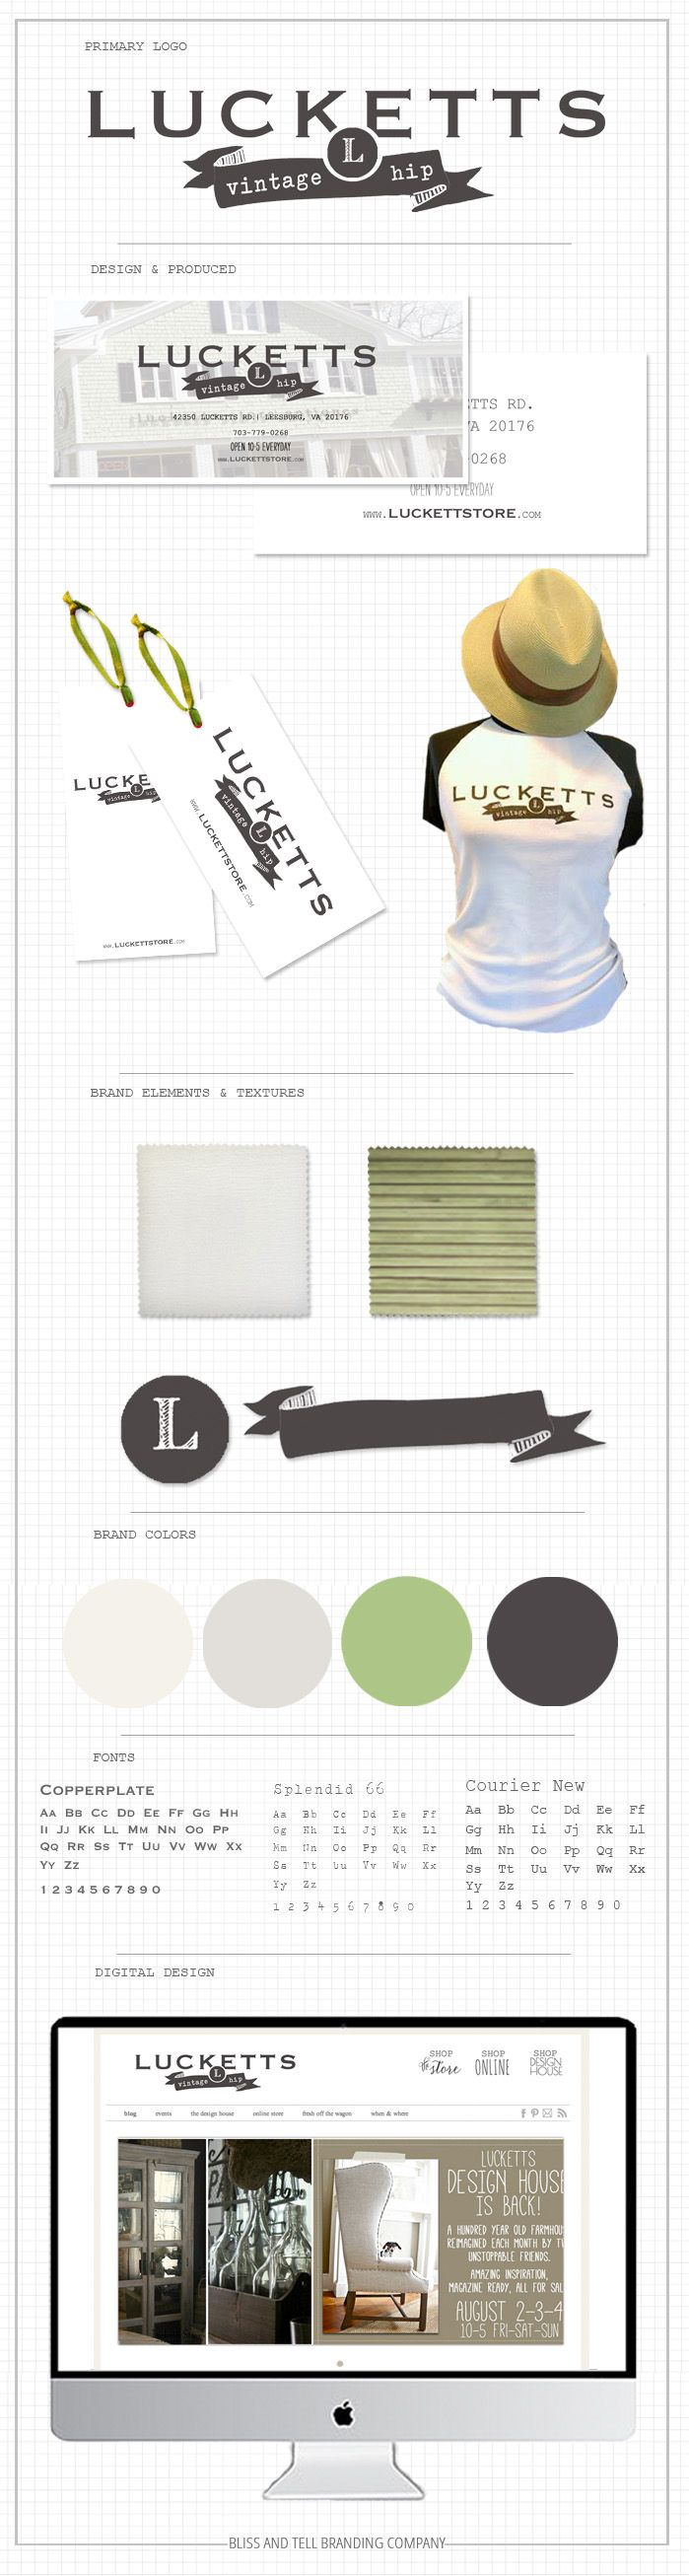 design & branding by blissandtellbrandingcompany.com for LUCKETTS